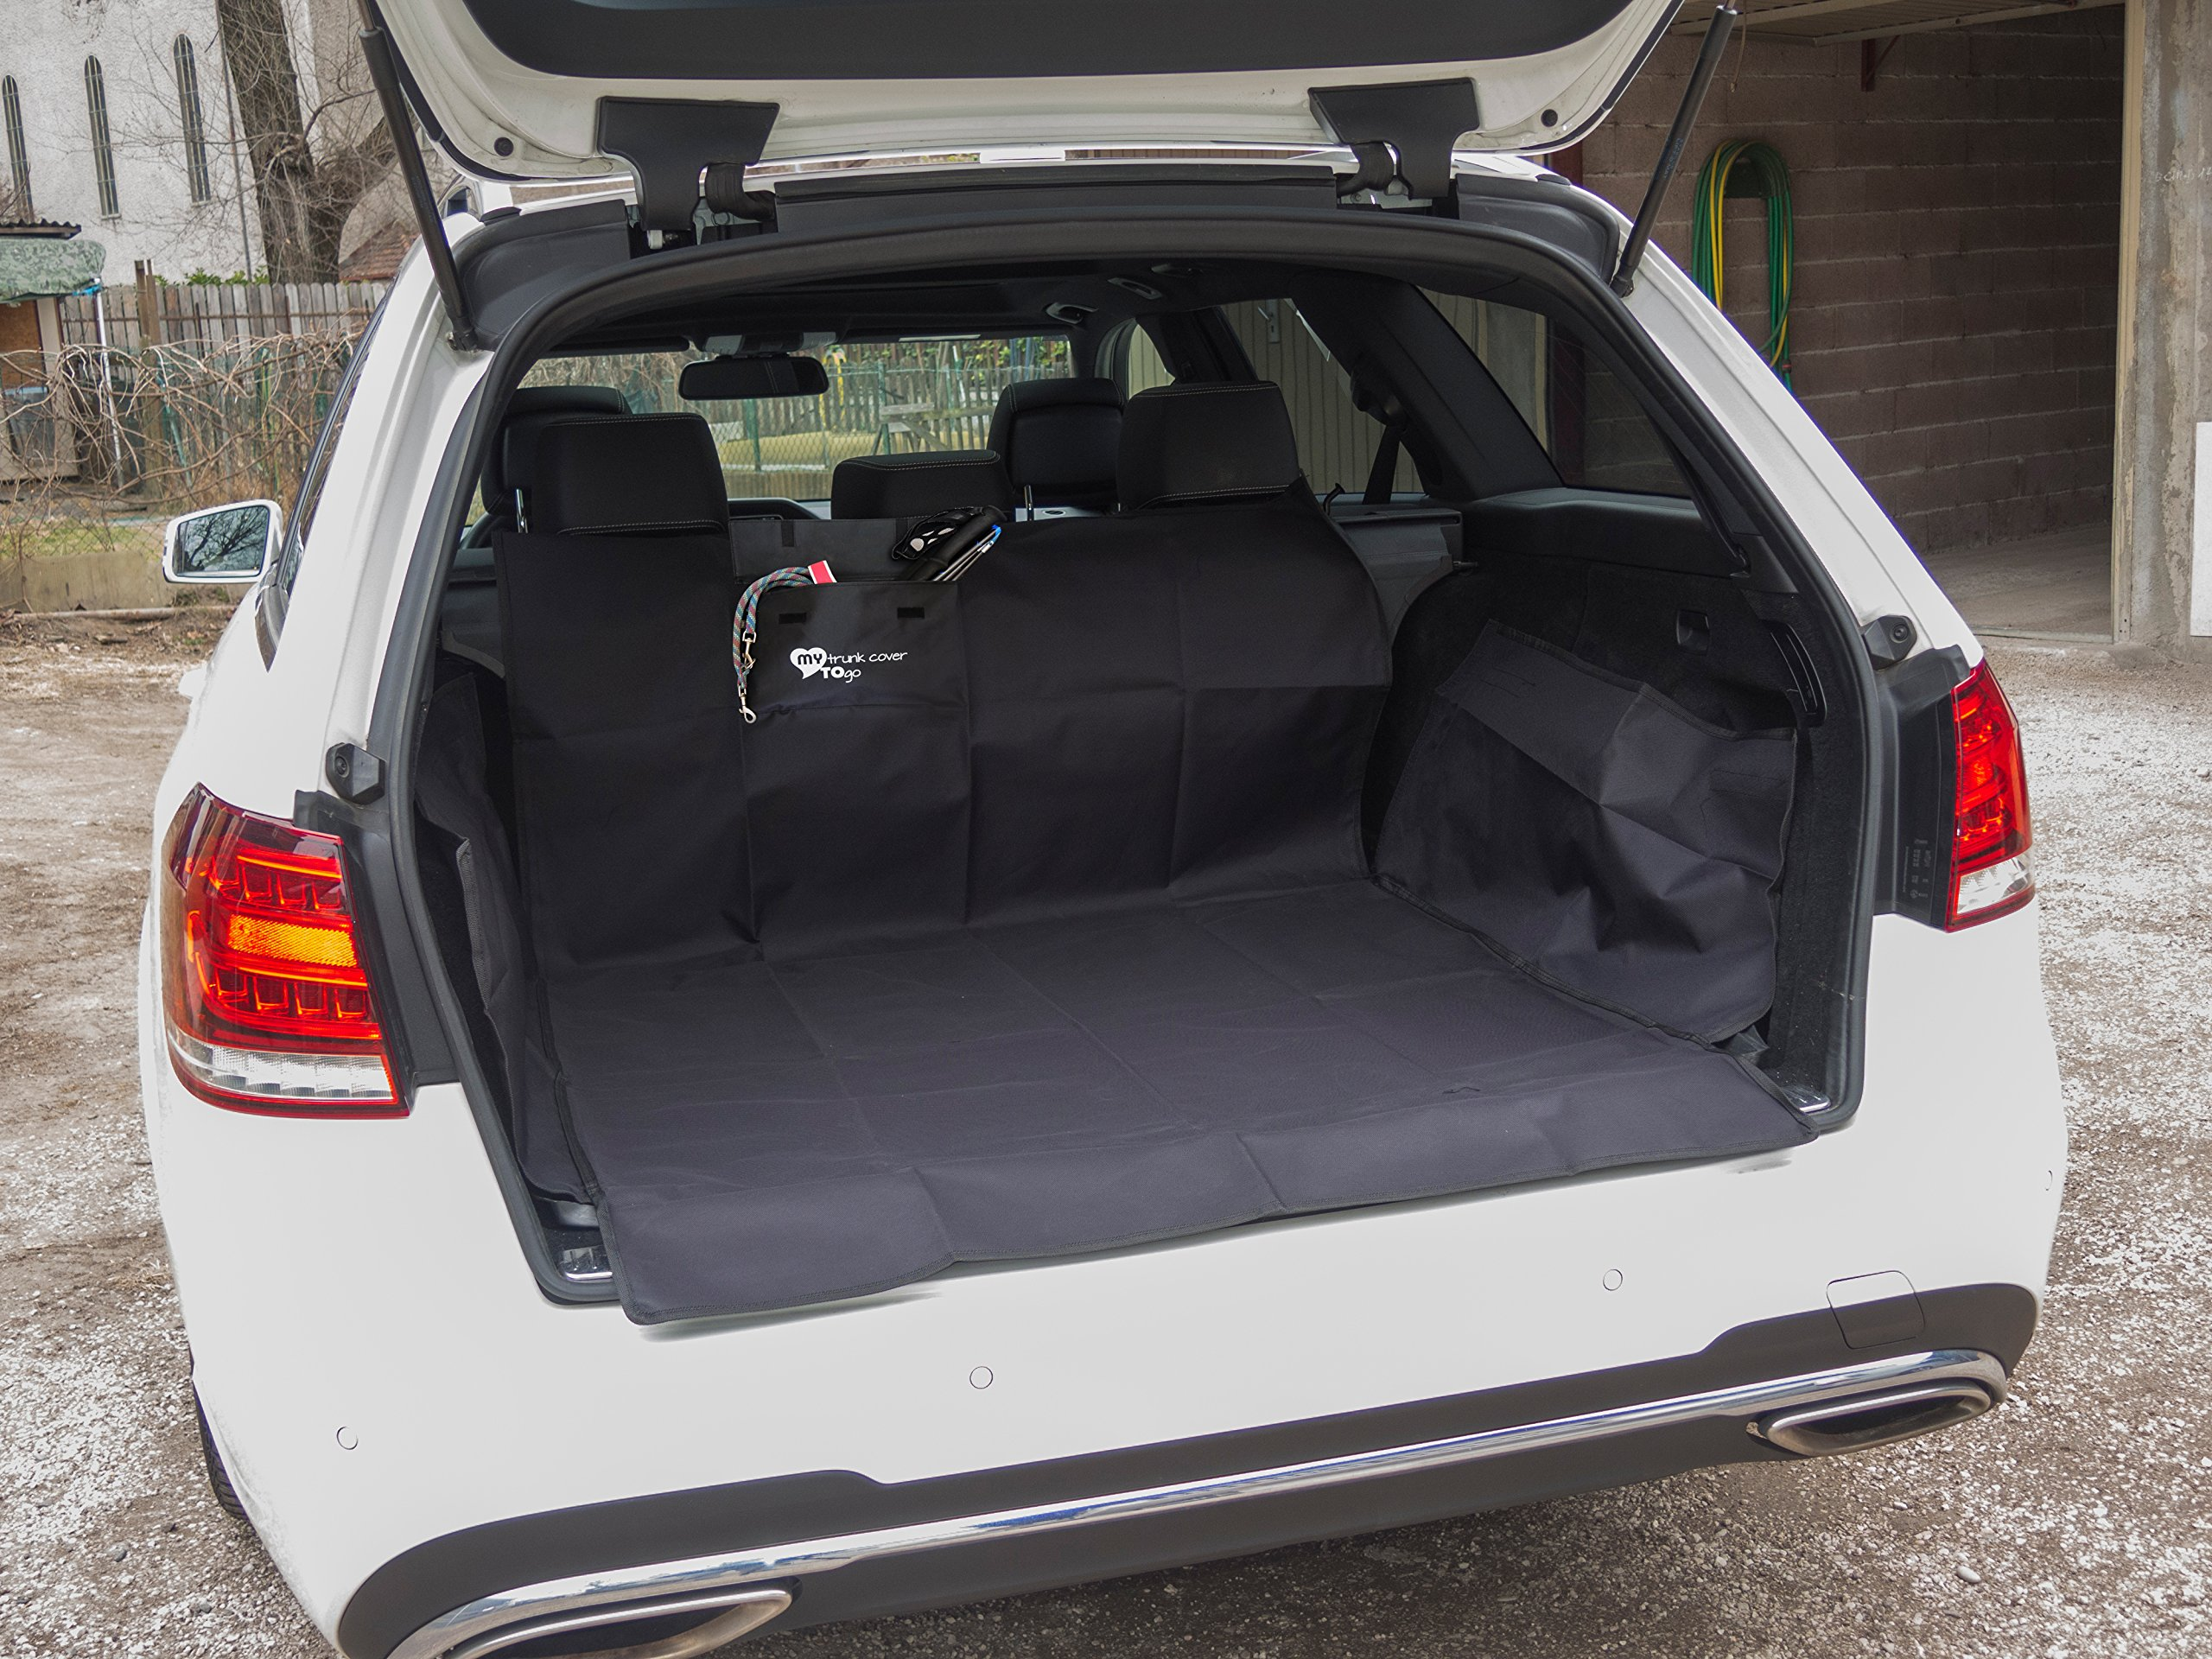 Abwaschbare robuste universale Kofferraumschutz Matte| MY trunk cover TO go | schmutzabweisend |universal | Seitenschutz hoch | die Hunde-decke schützt Ihr Auto vor Kratzer, Hund-haare, Flüssigkeit